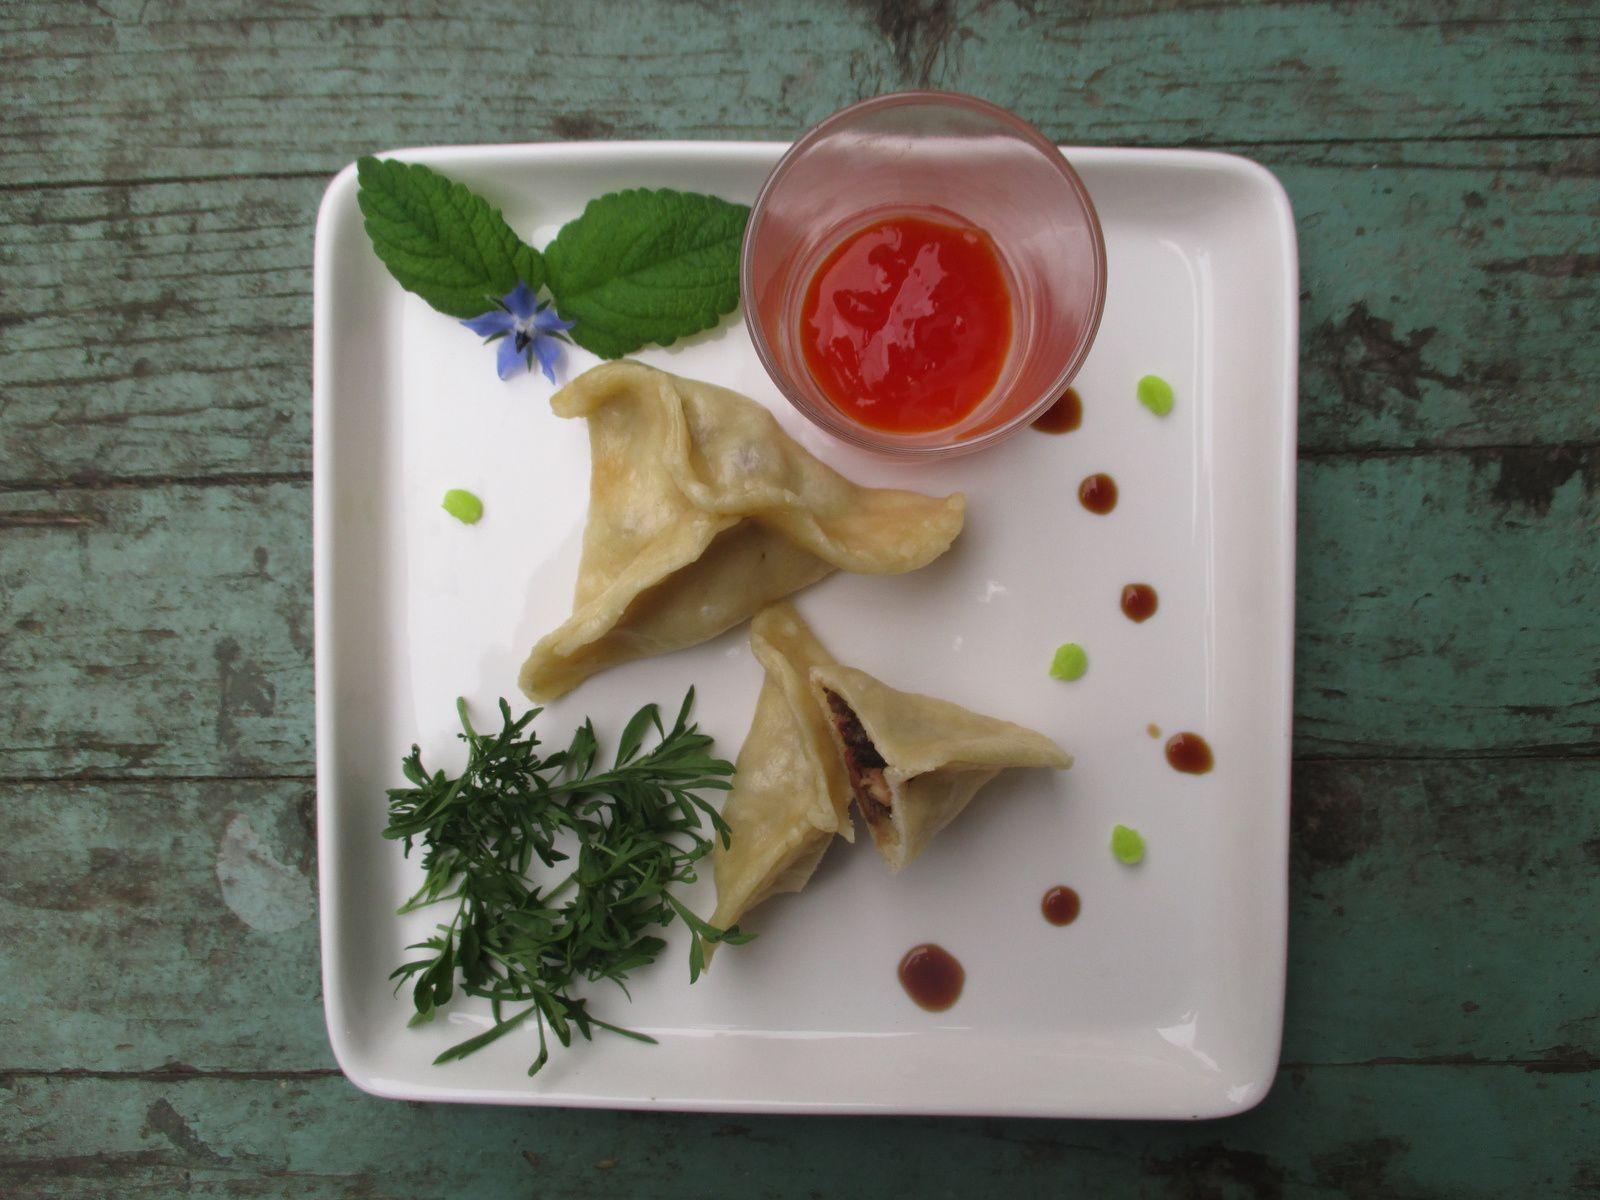 Raviolis chinois p te brioch e une ferme en alsace un potager une cuisine un art d e vivre - Un chinois en cuisine ...